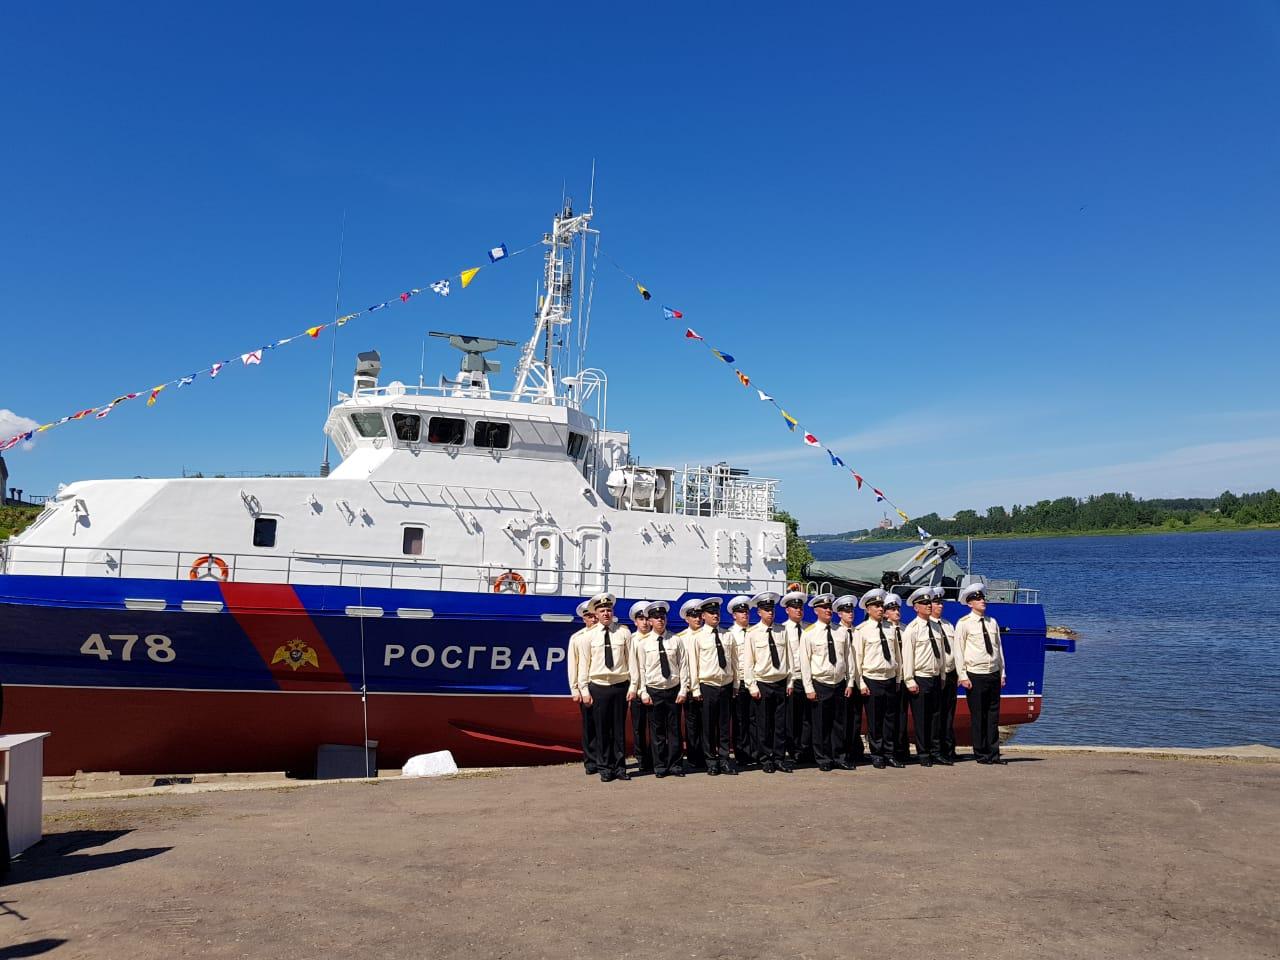 Дмитрий Миронов: рыбинское предприятие построит четыре катера для борьбы с террористами